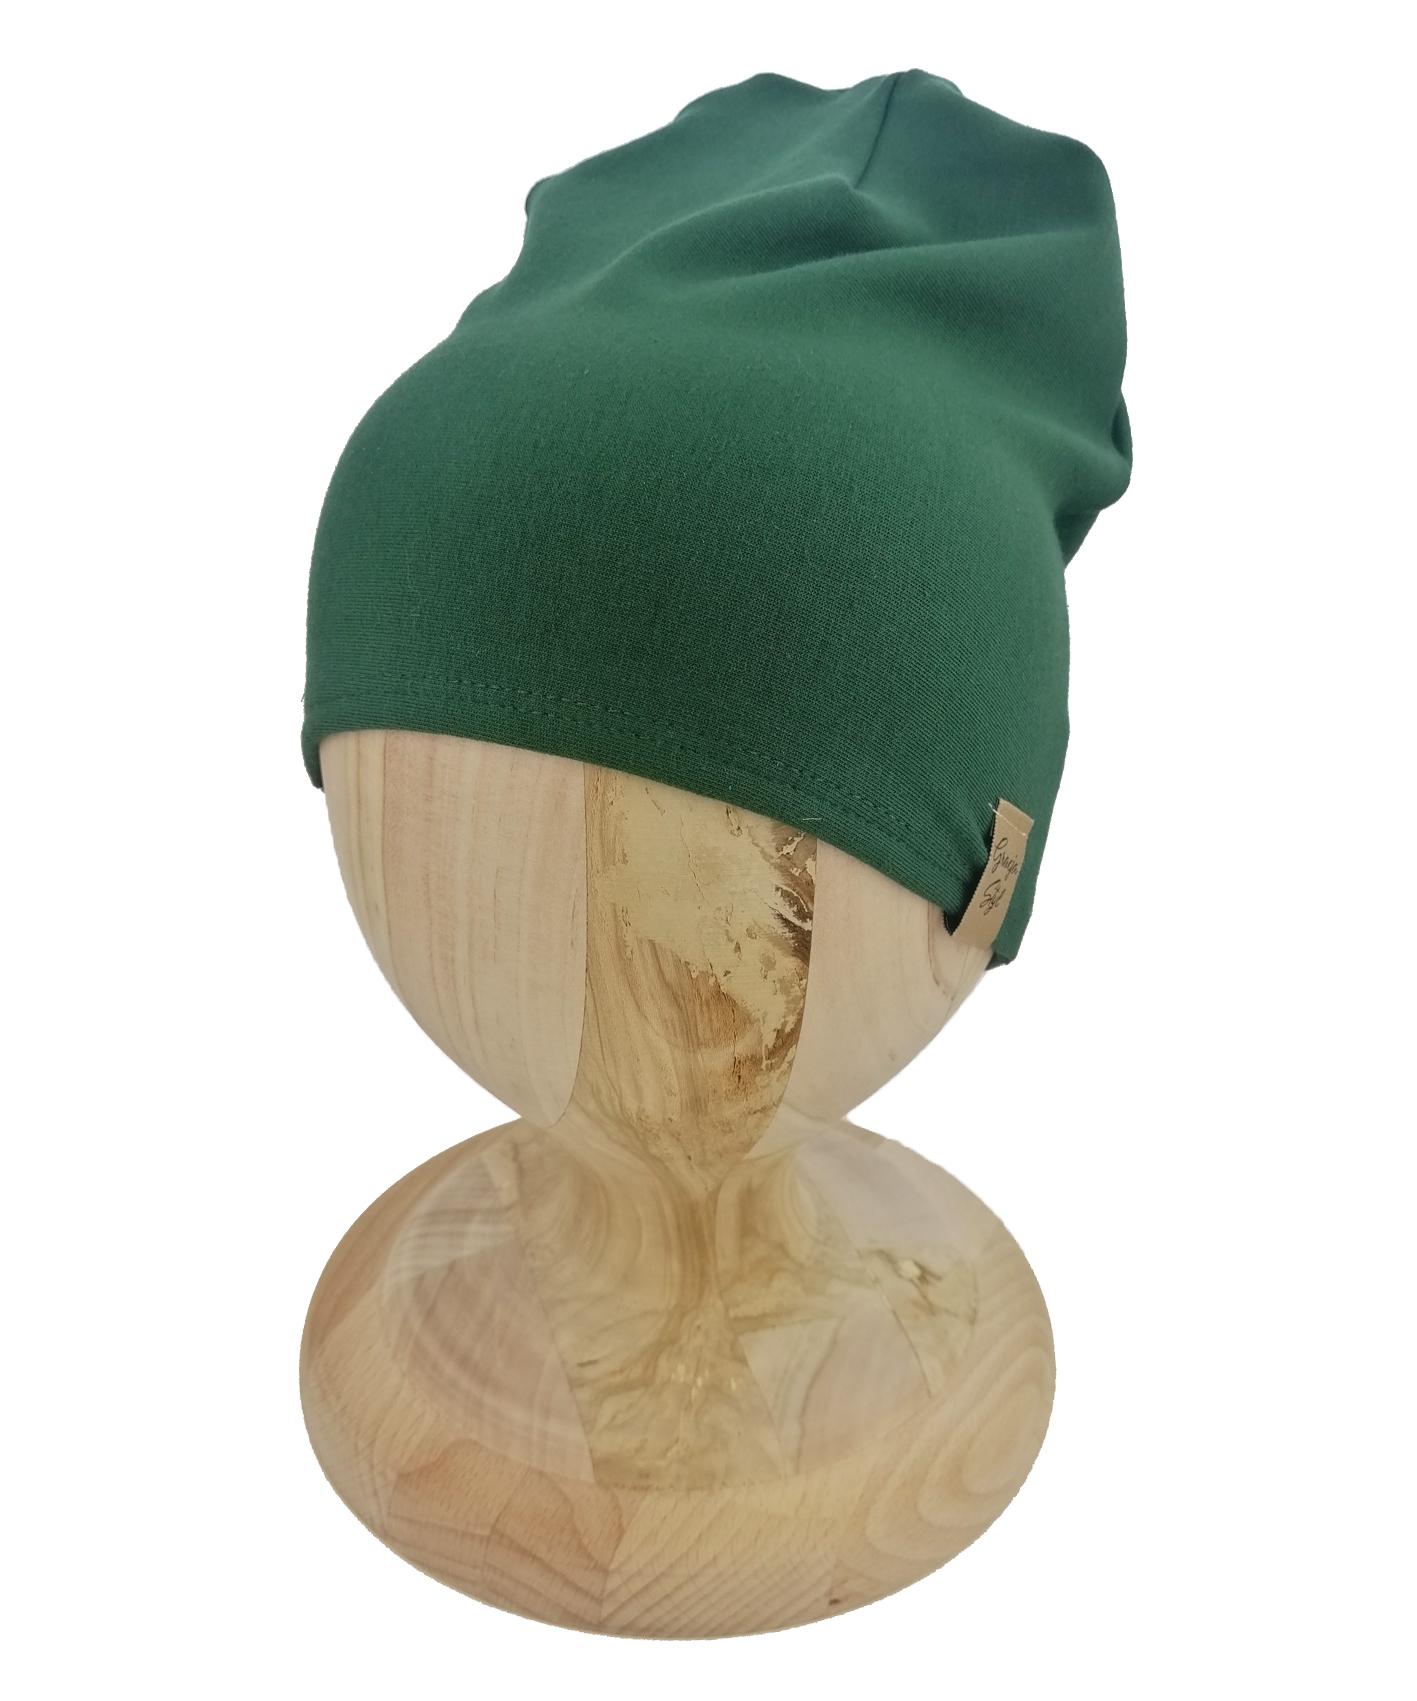 Czapka typu smerfetka, uszyta z bawełny petelkowej. Kolor butelkowa zieleń.